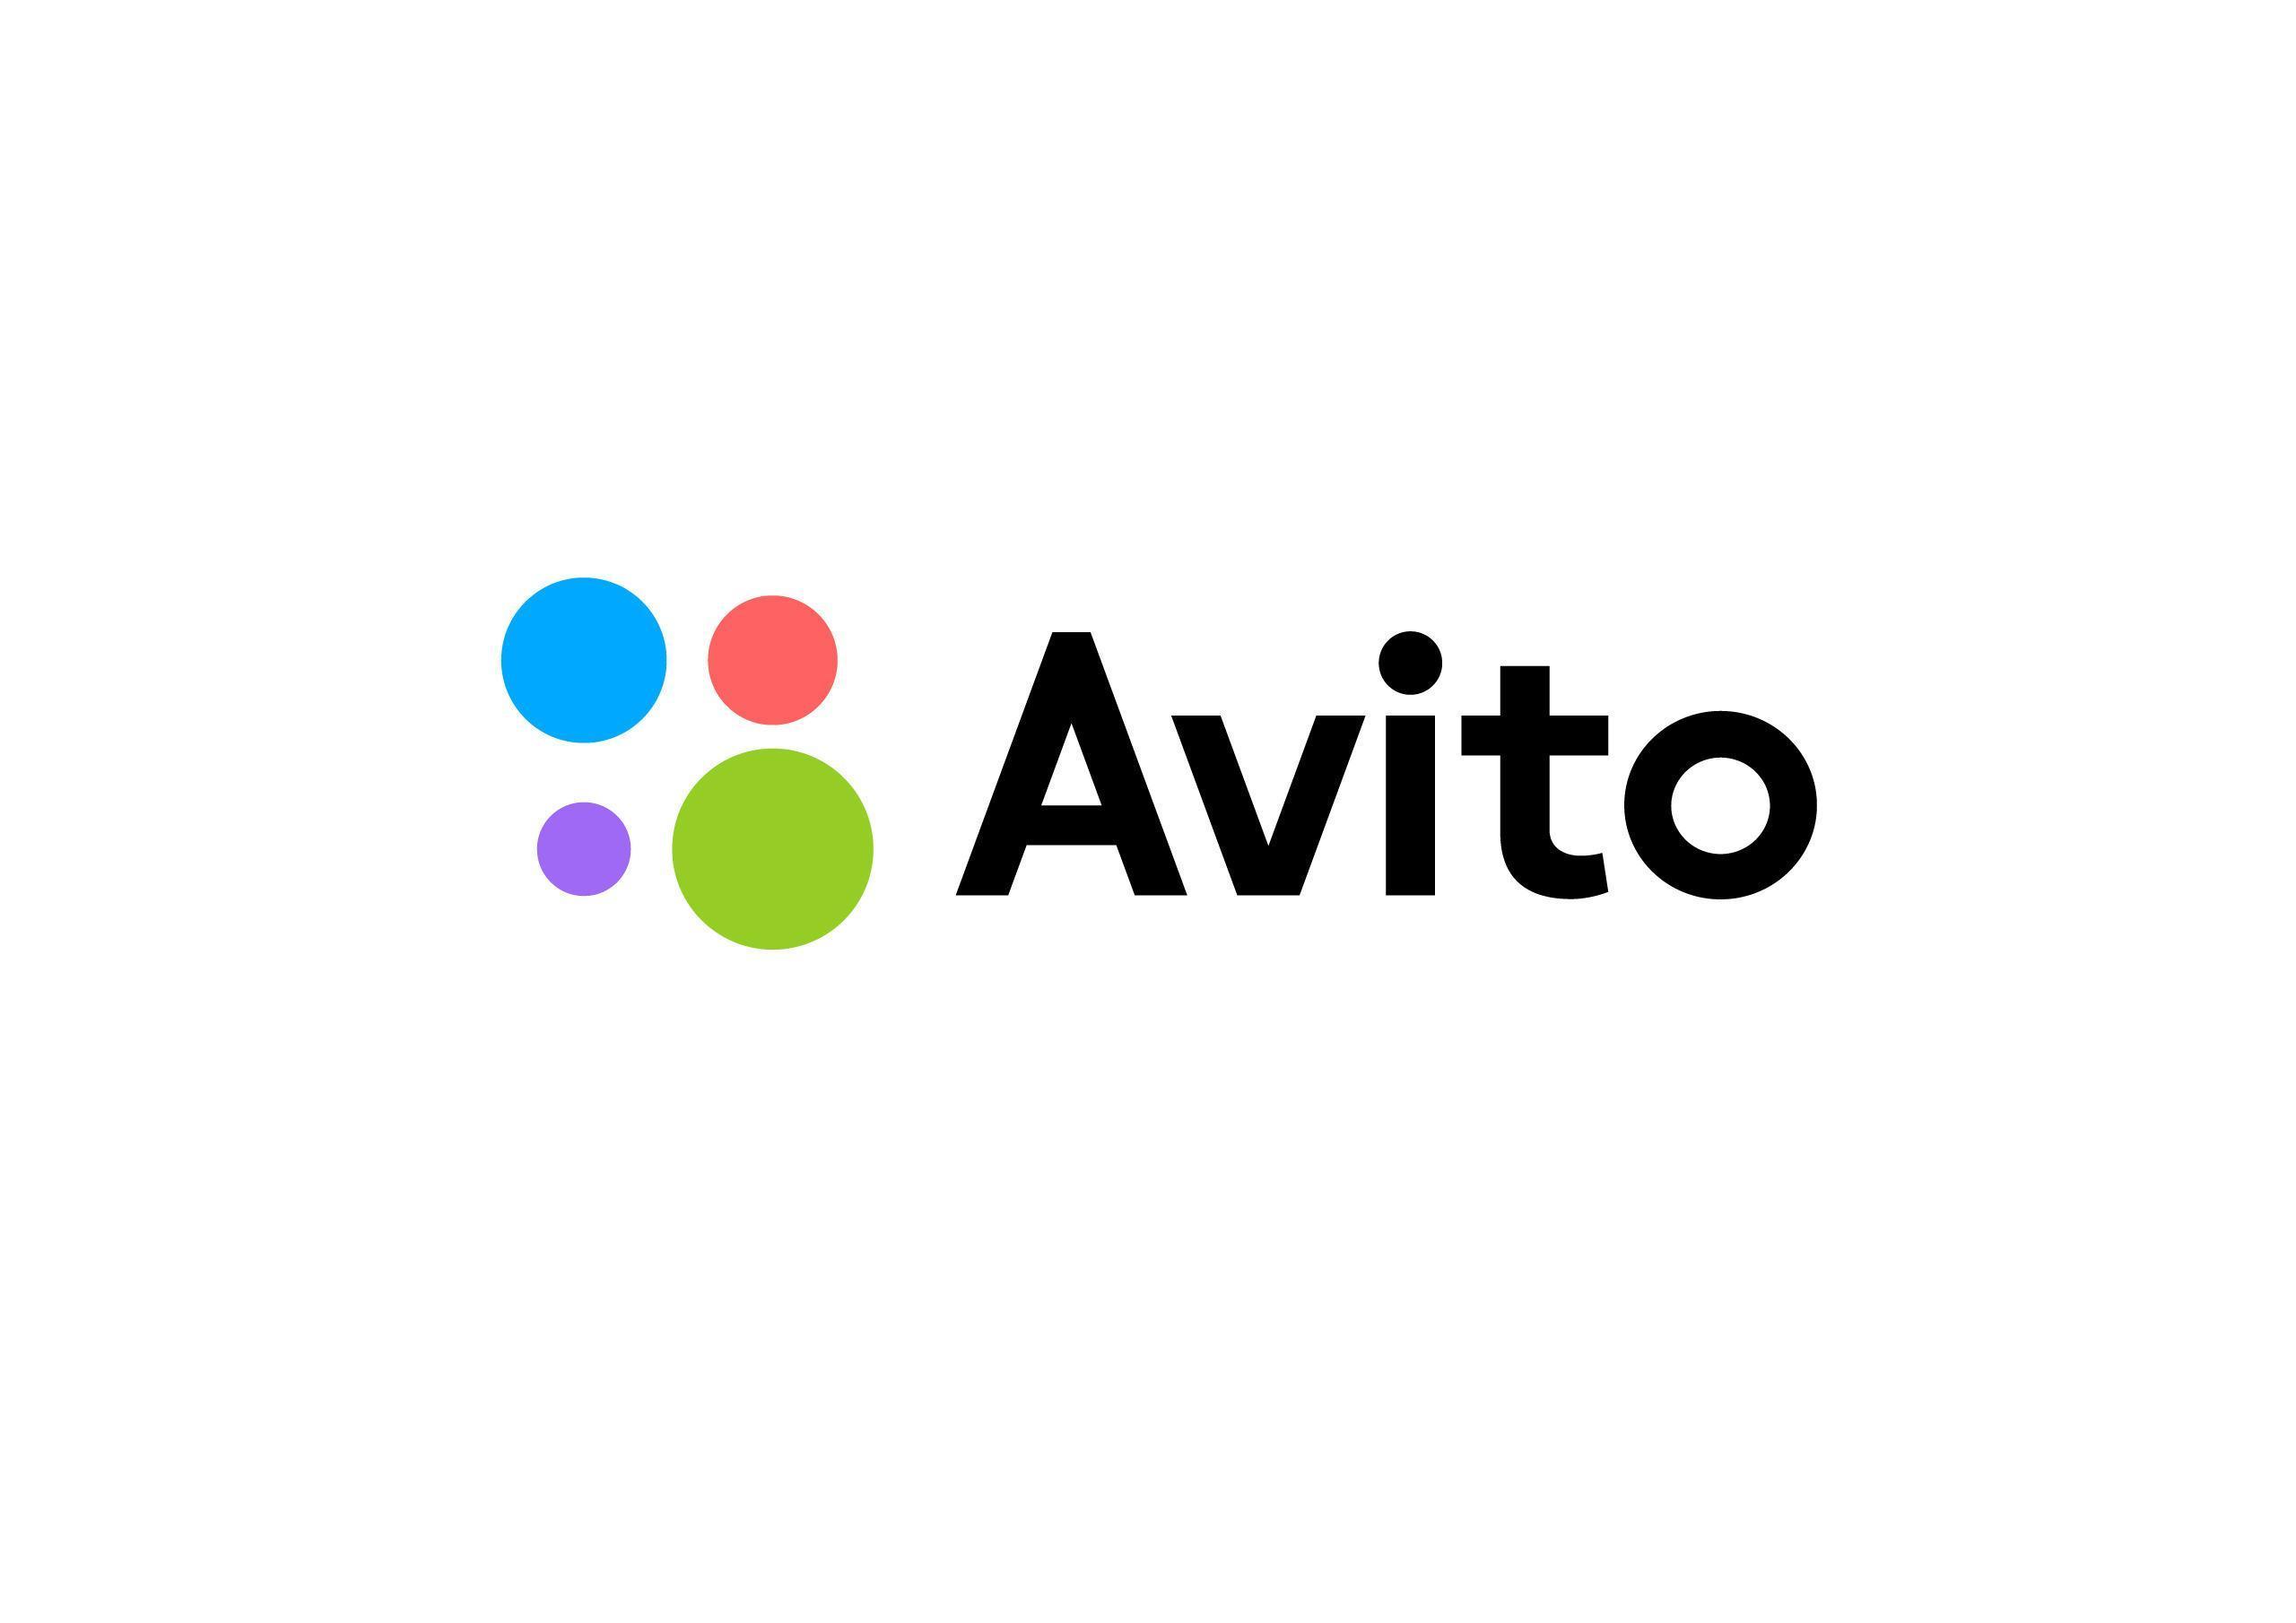 b77249eabfa8a Личный кабинет сервиса Авито представляет собой удобный ресурс для создания  и поиска интересующих объявлений.